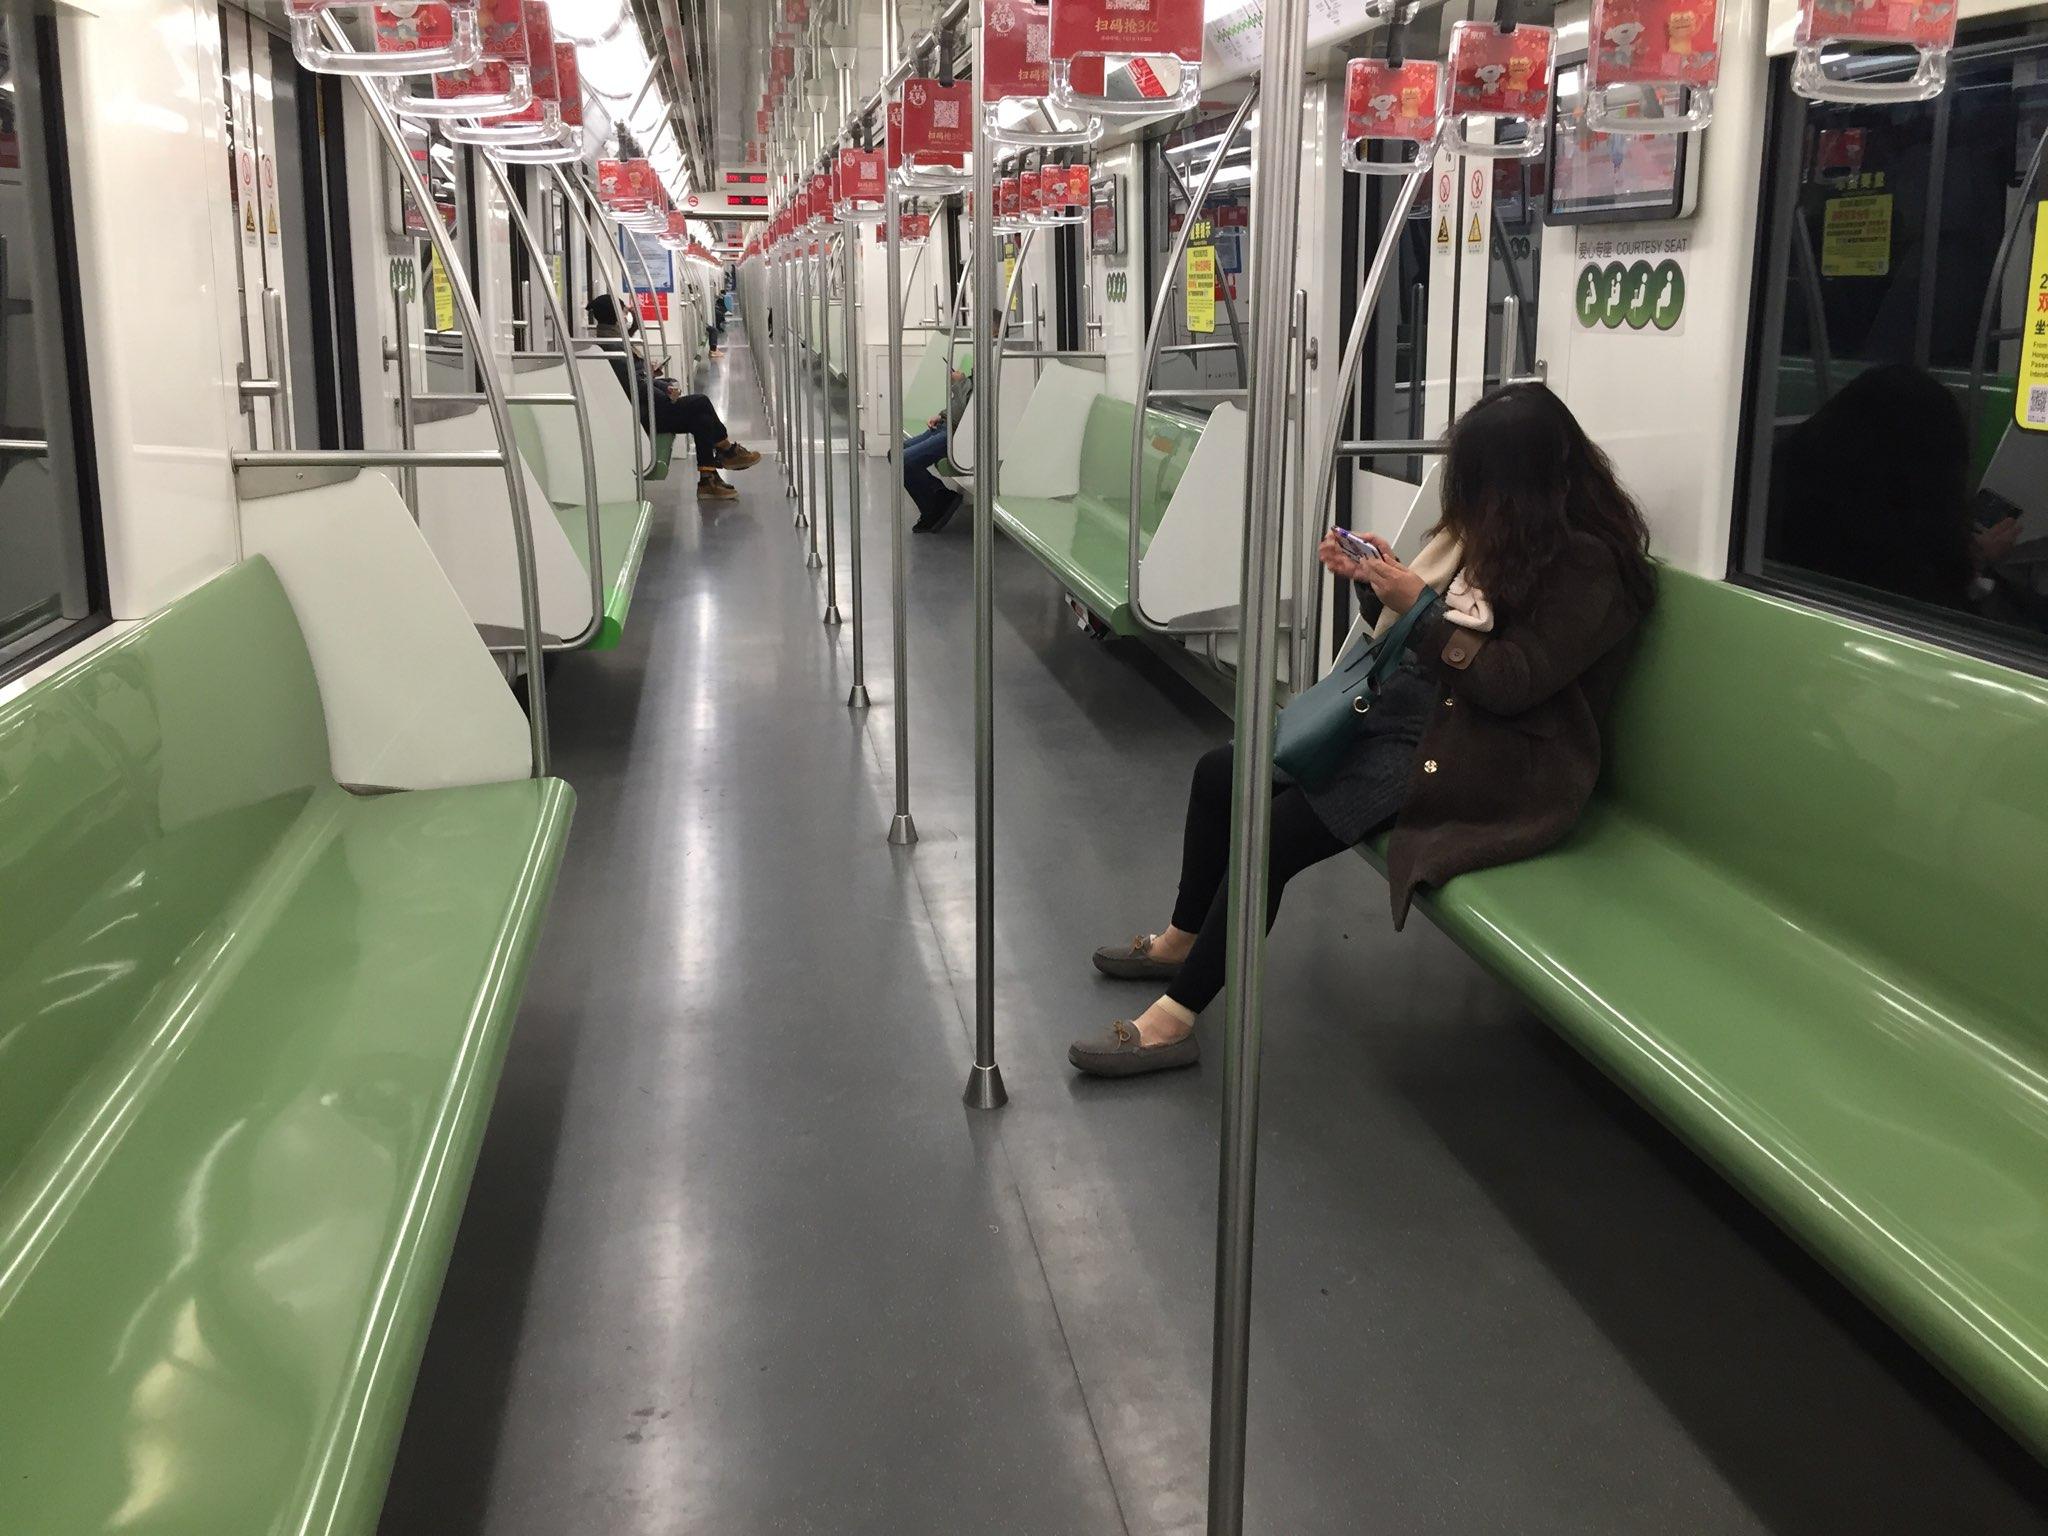 Infrastrukturen fungerer også i Kinas største by, Shanghai – men der er i denne tid god plads i metroen, da mange har fået besked på at blive hjemme. Foto taget i denne uge: Casper Tollerud.